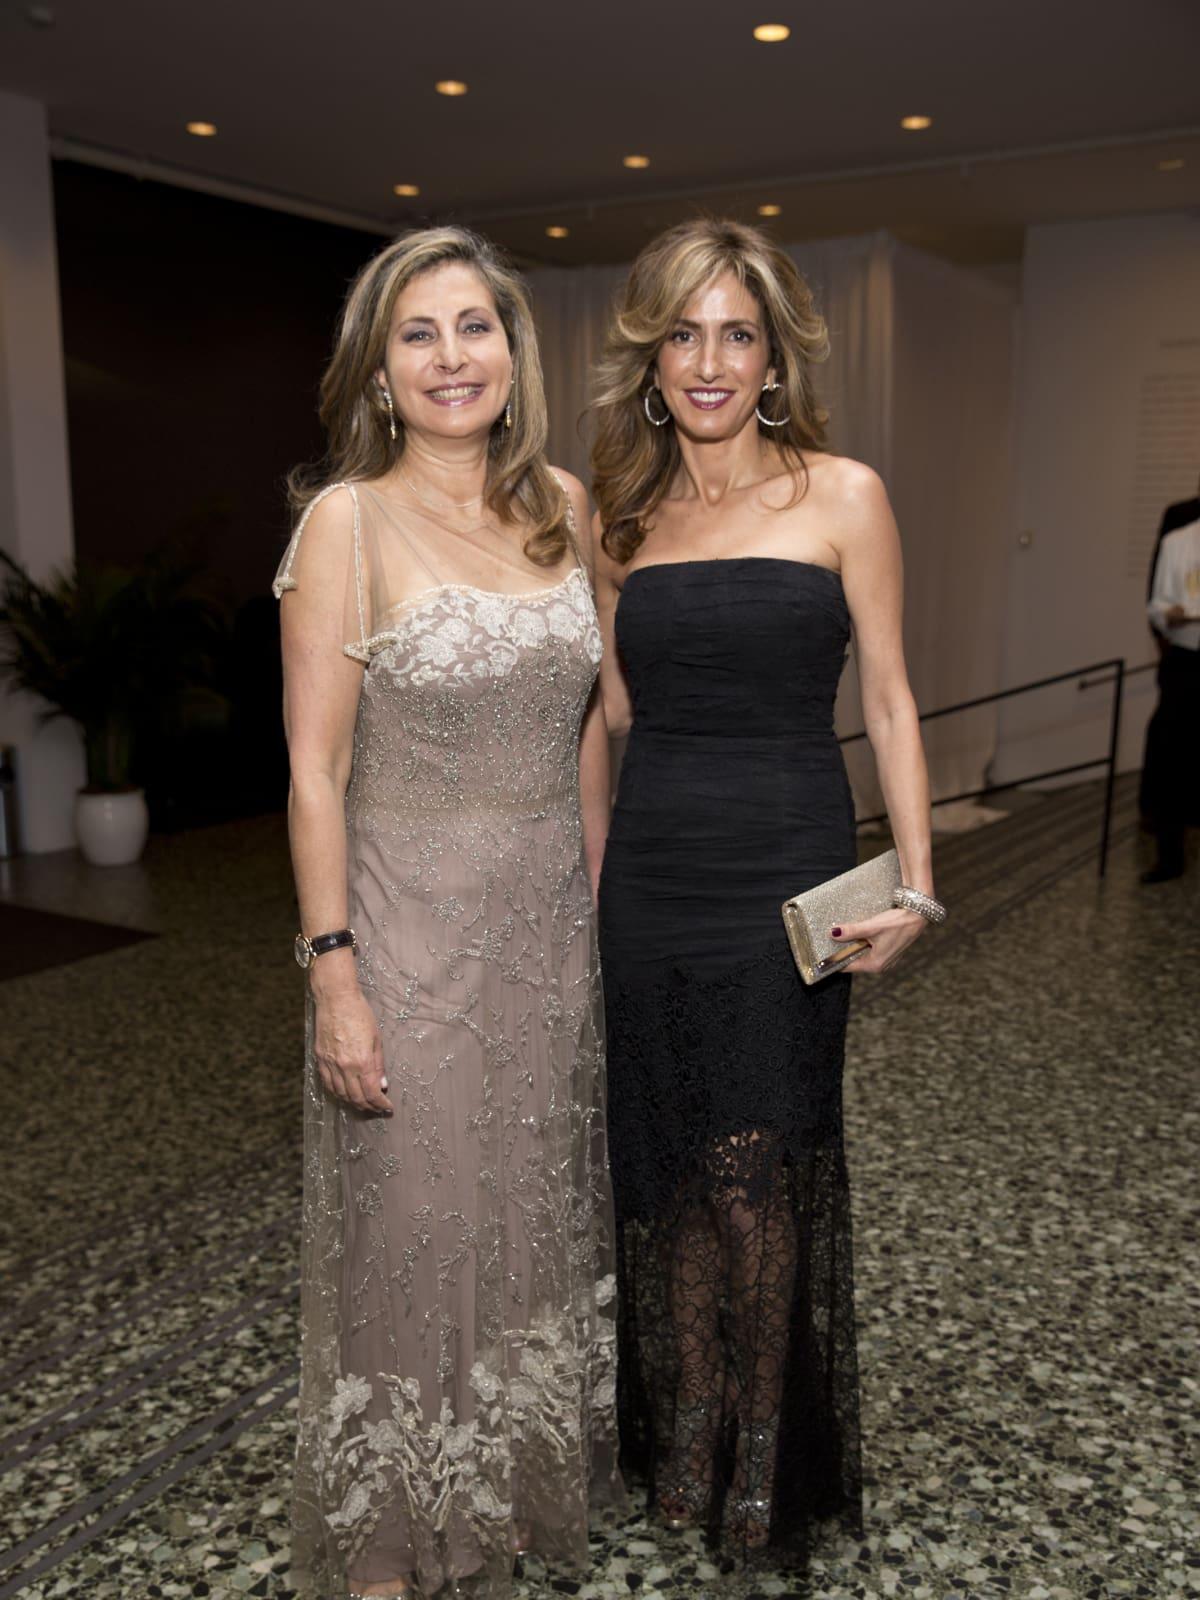 Rania Daniel; Sima Ladjevardian at Museum of Fine Arts Gala